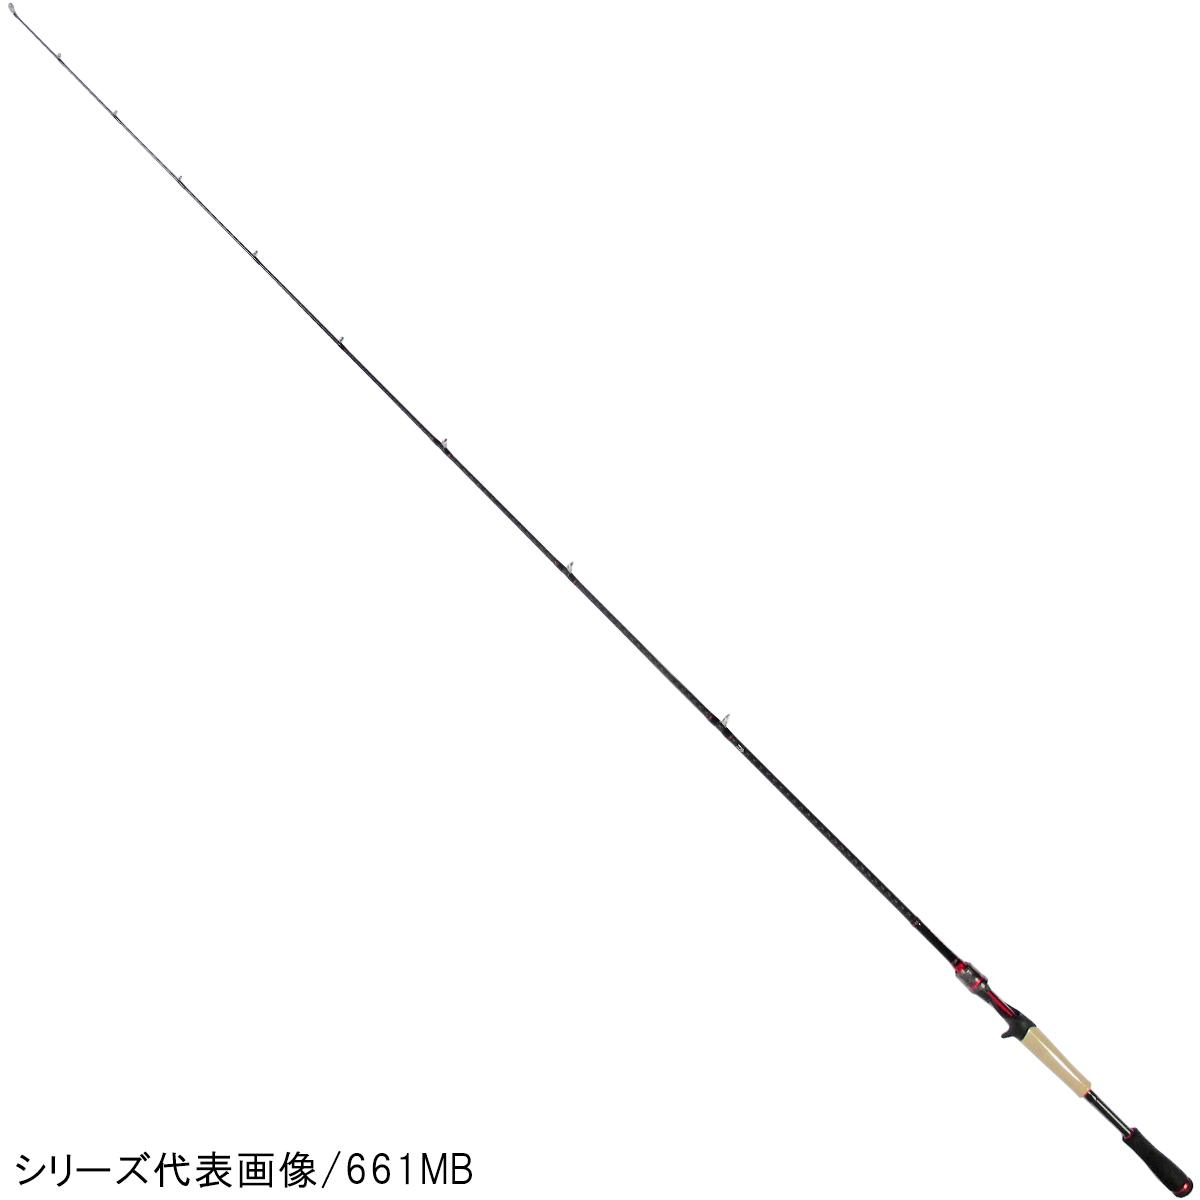 ダイワ ブレイゾン 651LB【大型商品】